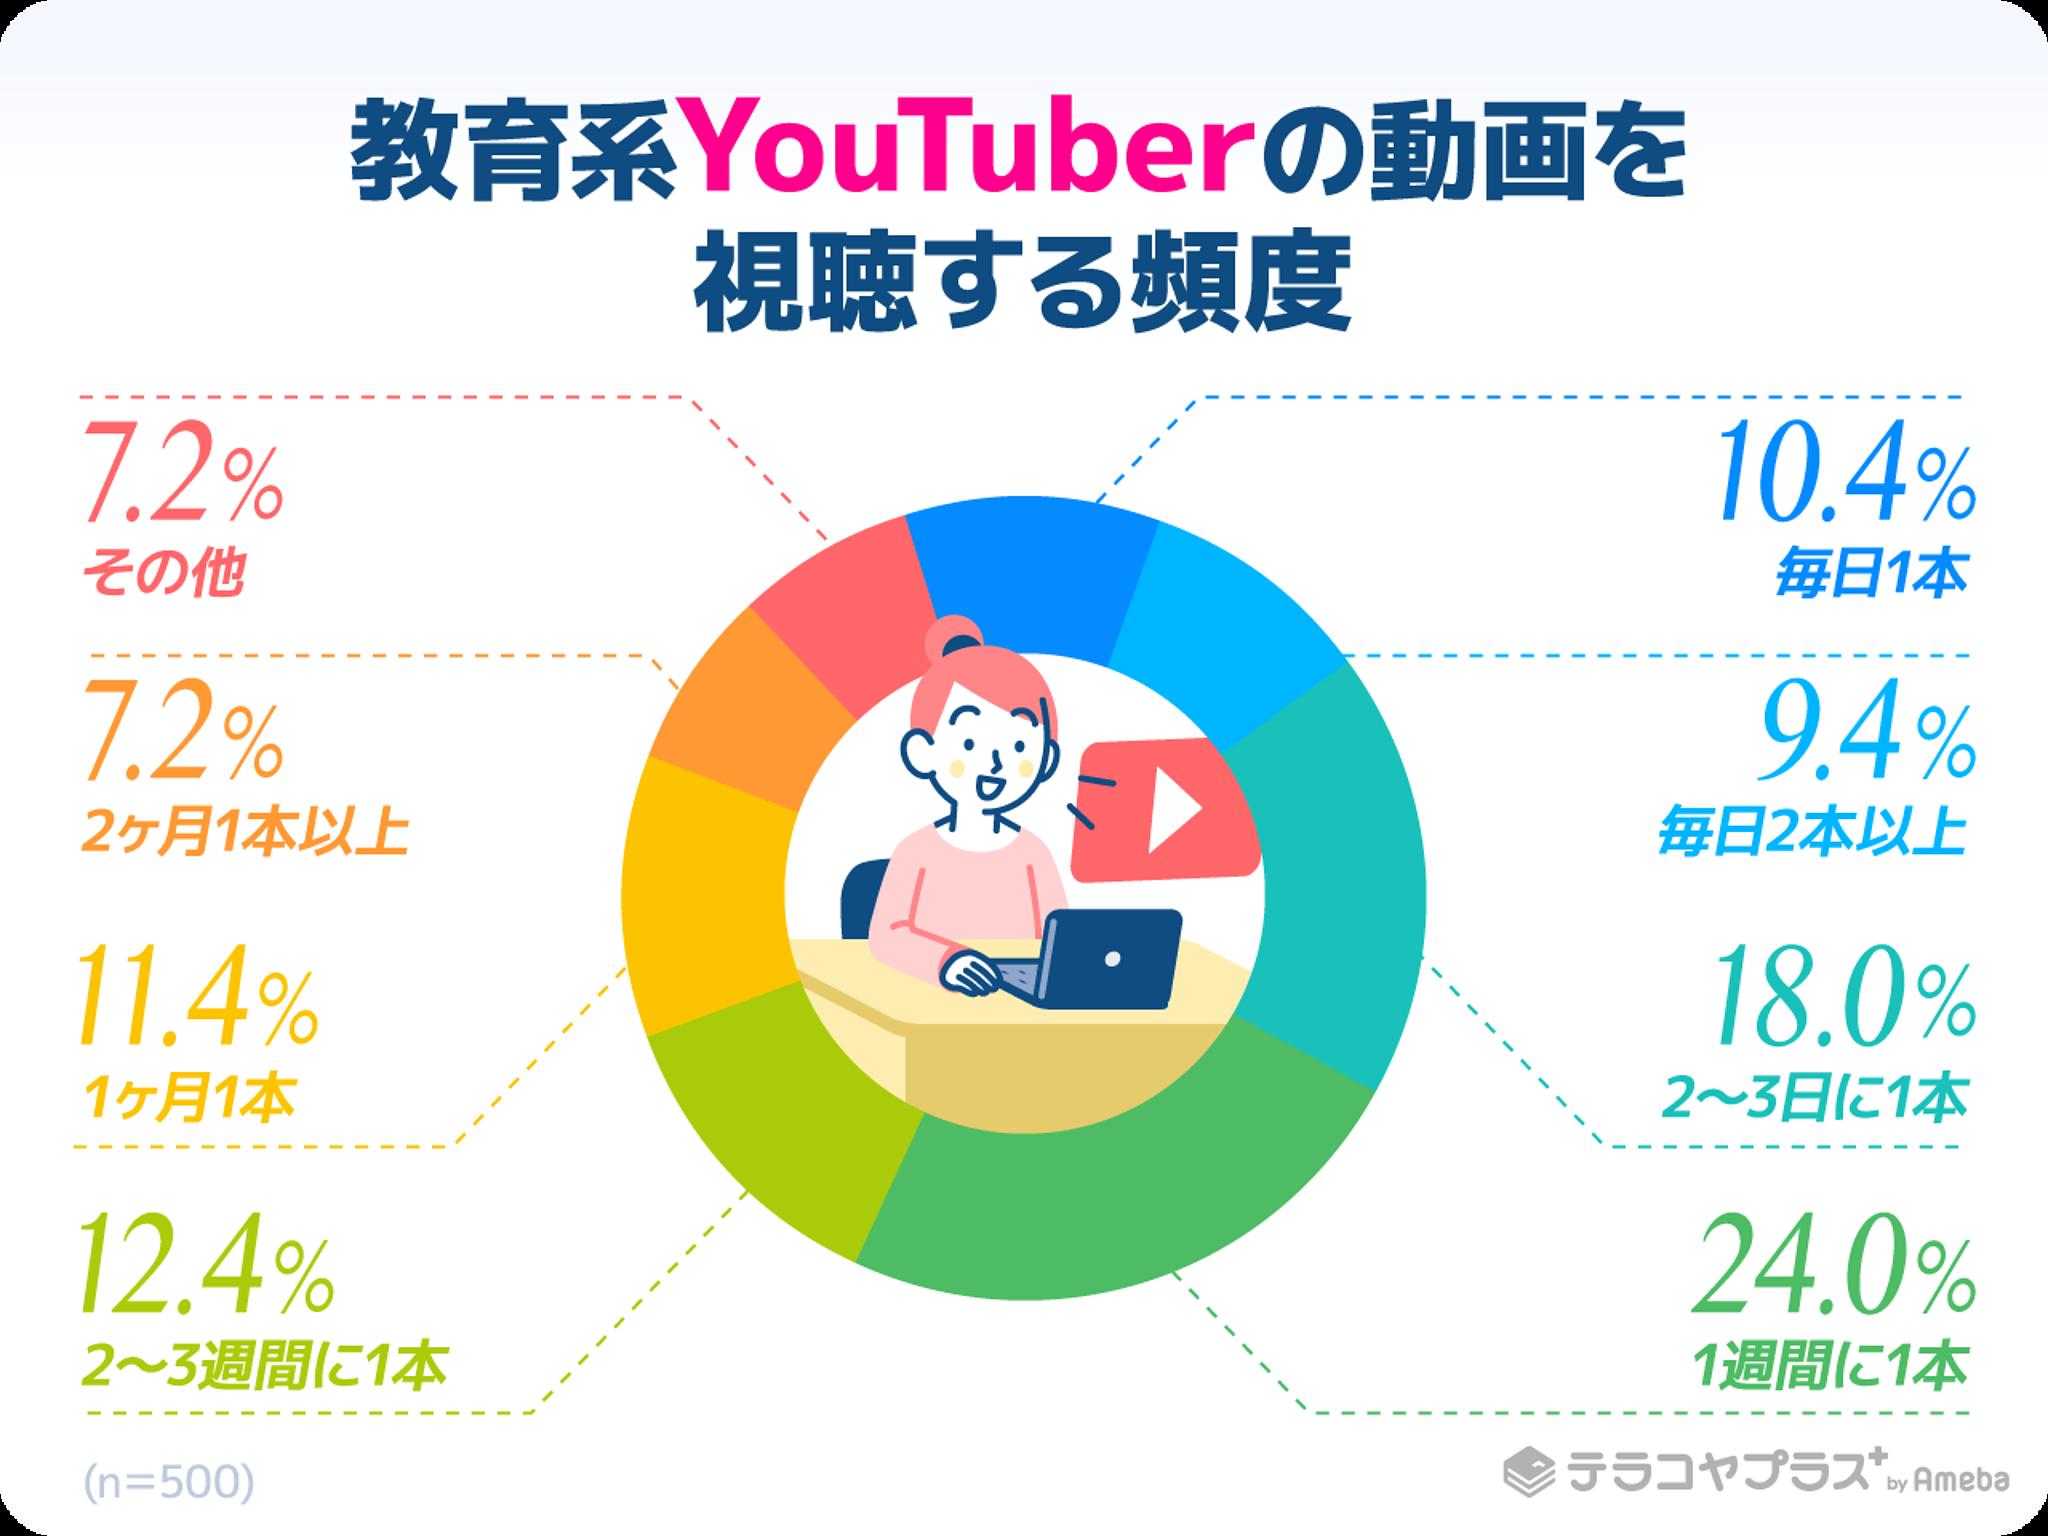 教育系YouTuberの動画を見る頻度のアンケート結果